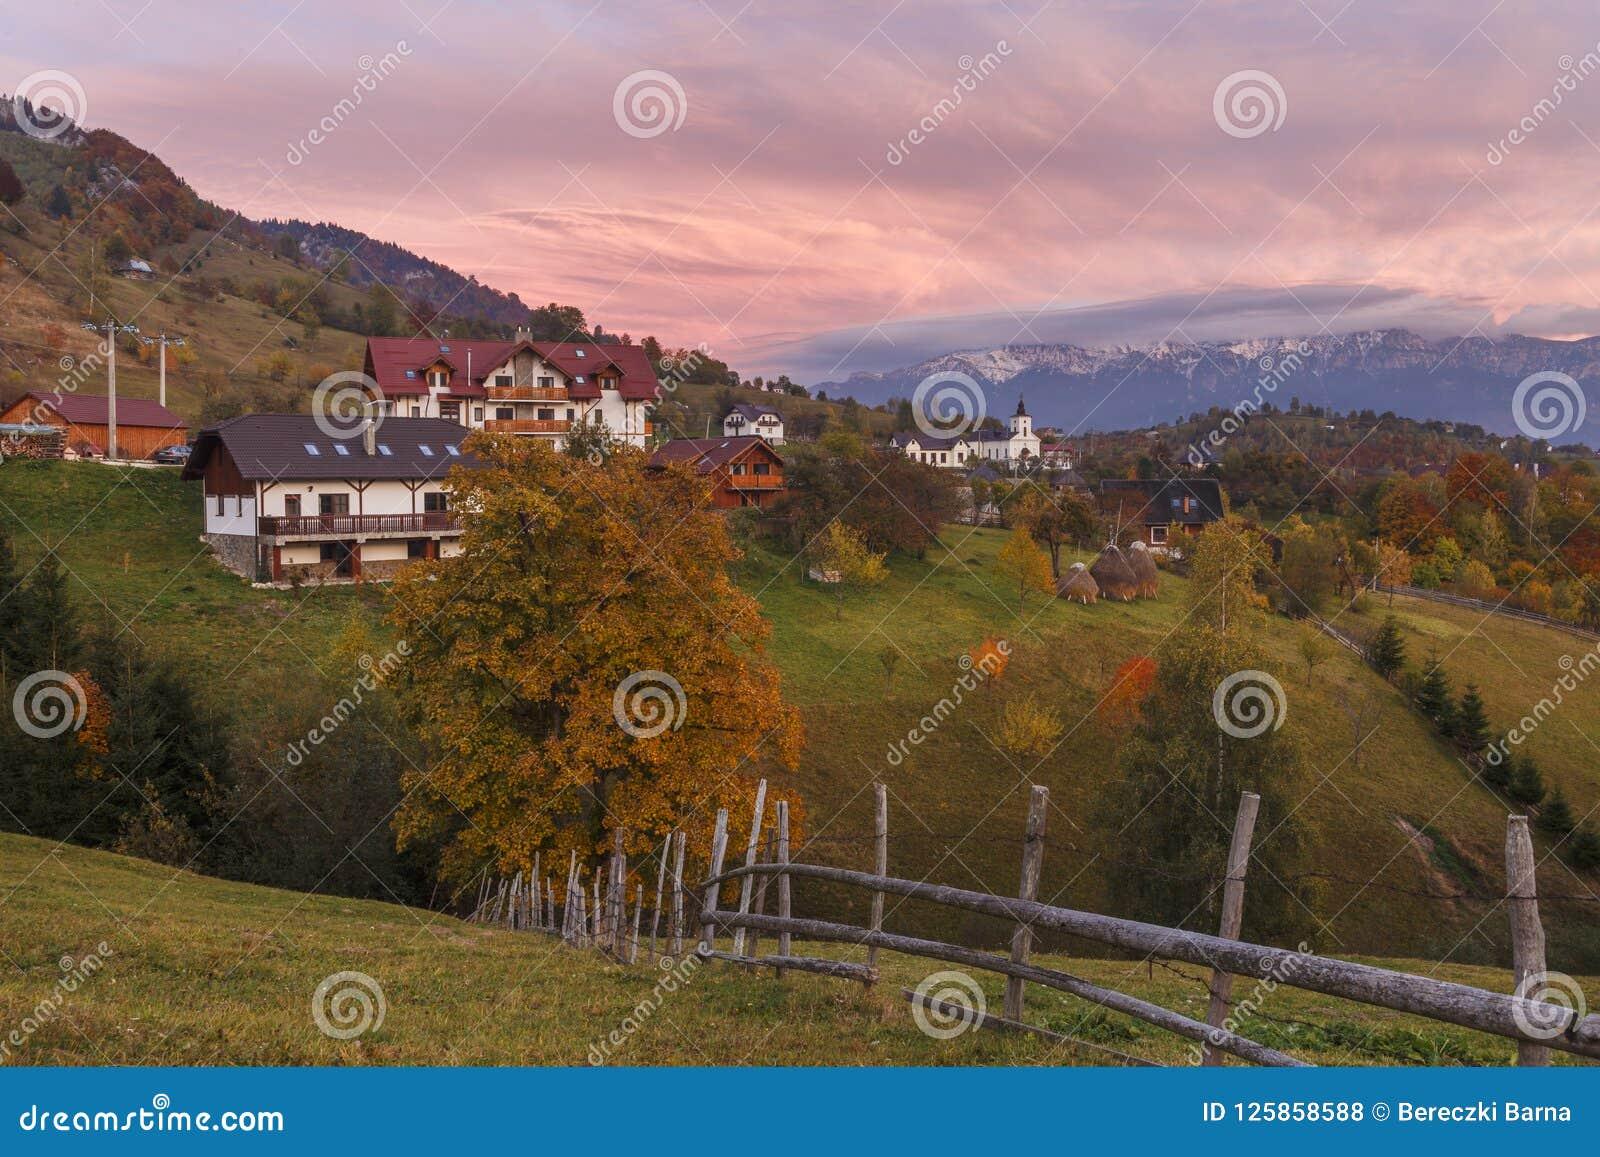 Autumn Alpine Landscape, Alpine Village With Spectacular Gardens And ...